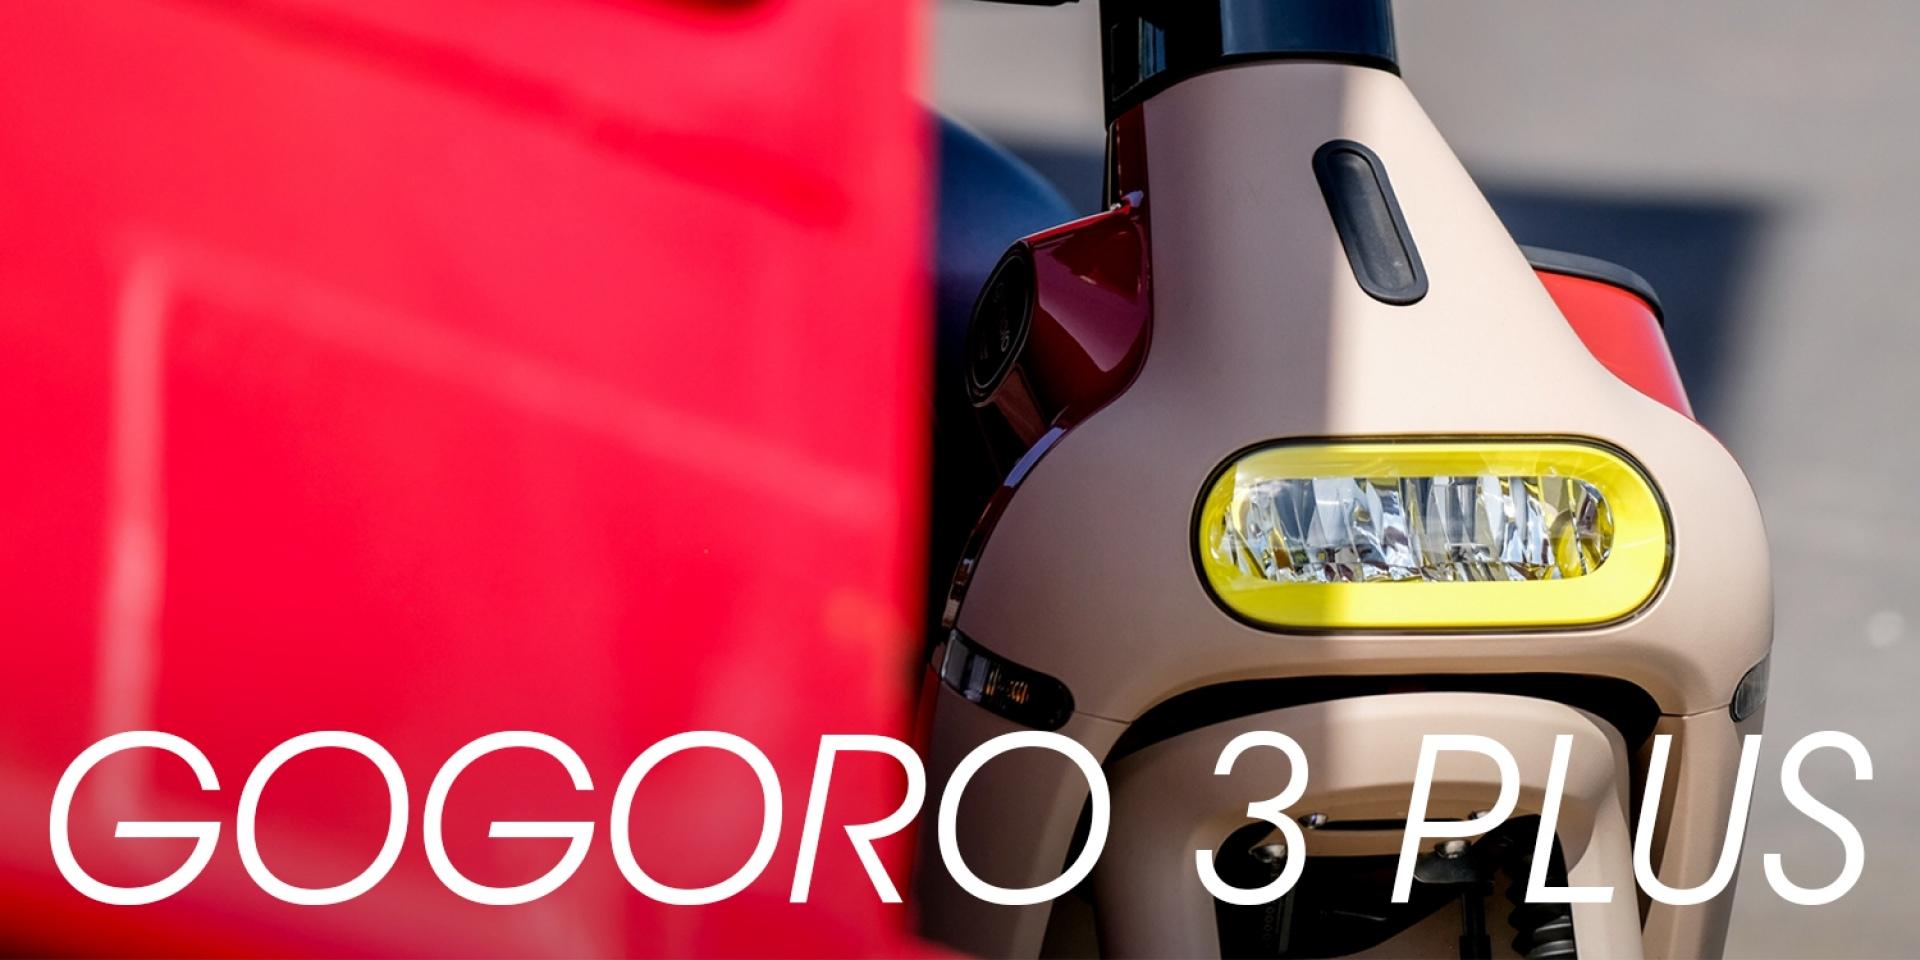 最像「摩托車」的Gogoro!拋下規格 擁抱實用的都會代步車。Gogoro 3 Plus